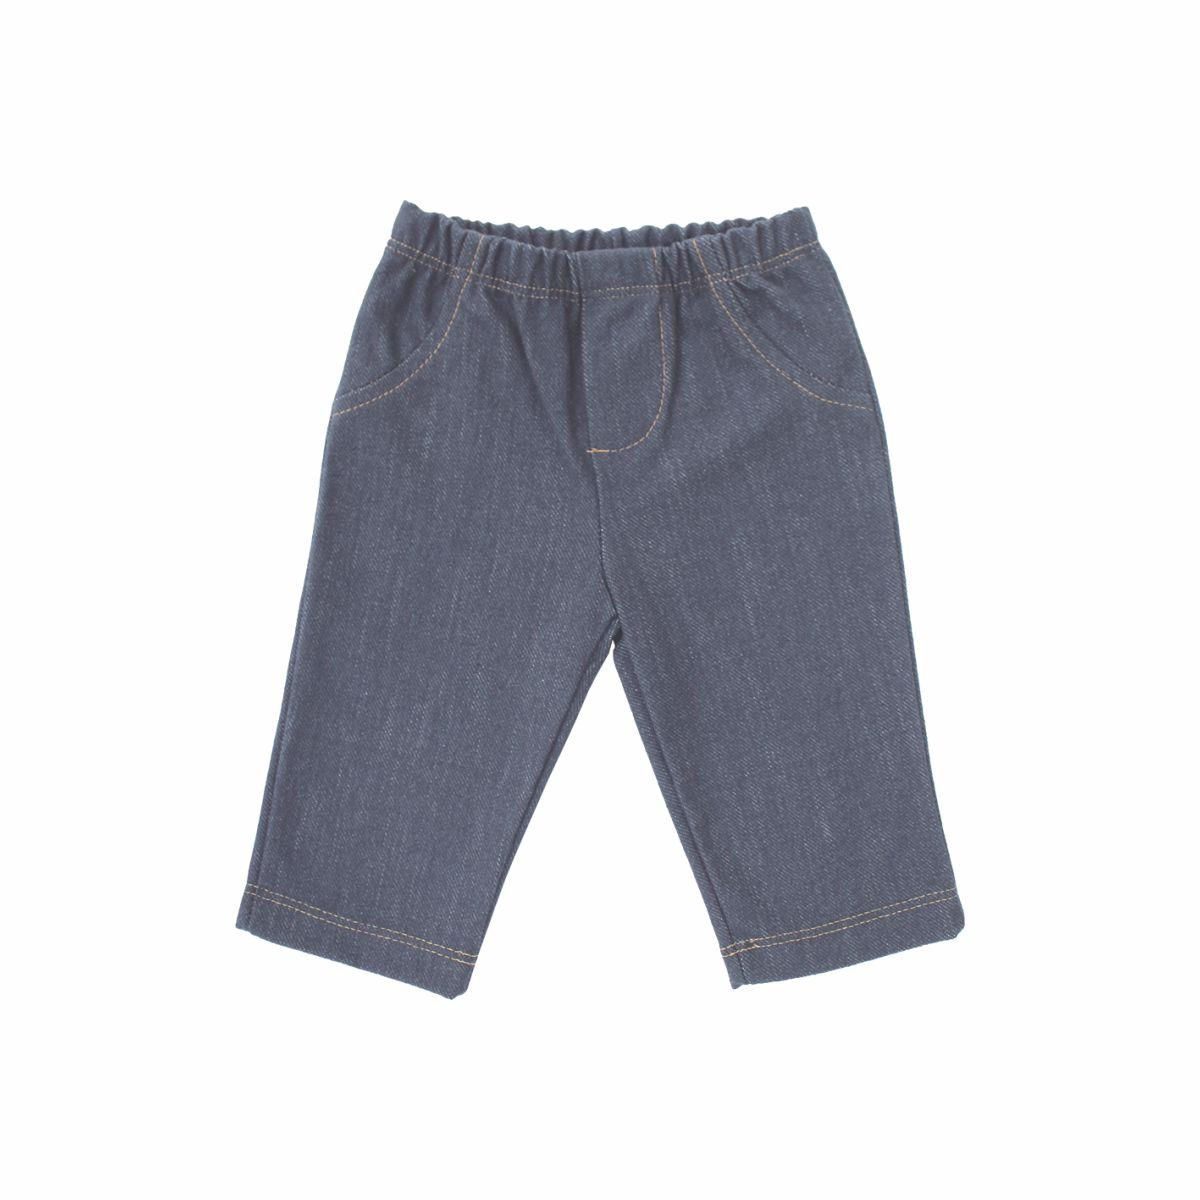 Calça Masc Estilo Jeans 1 ao 3